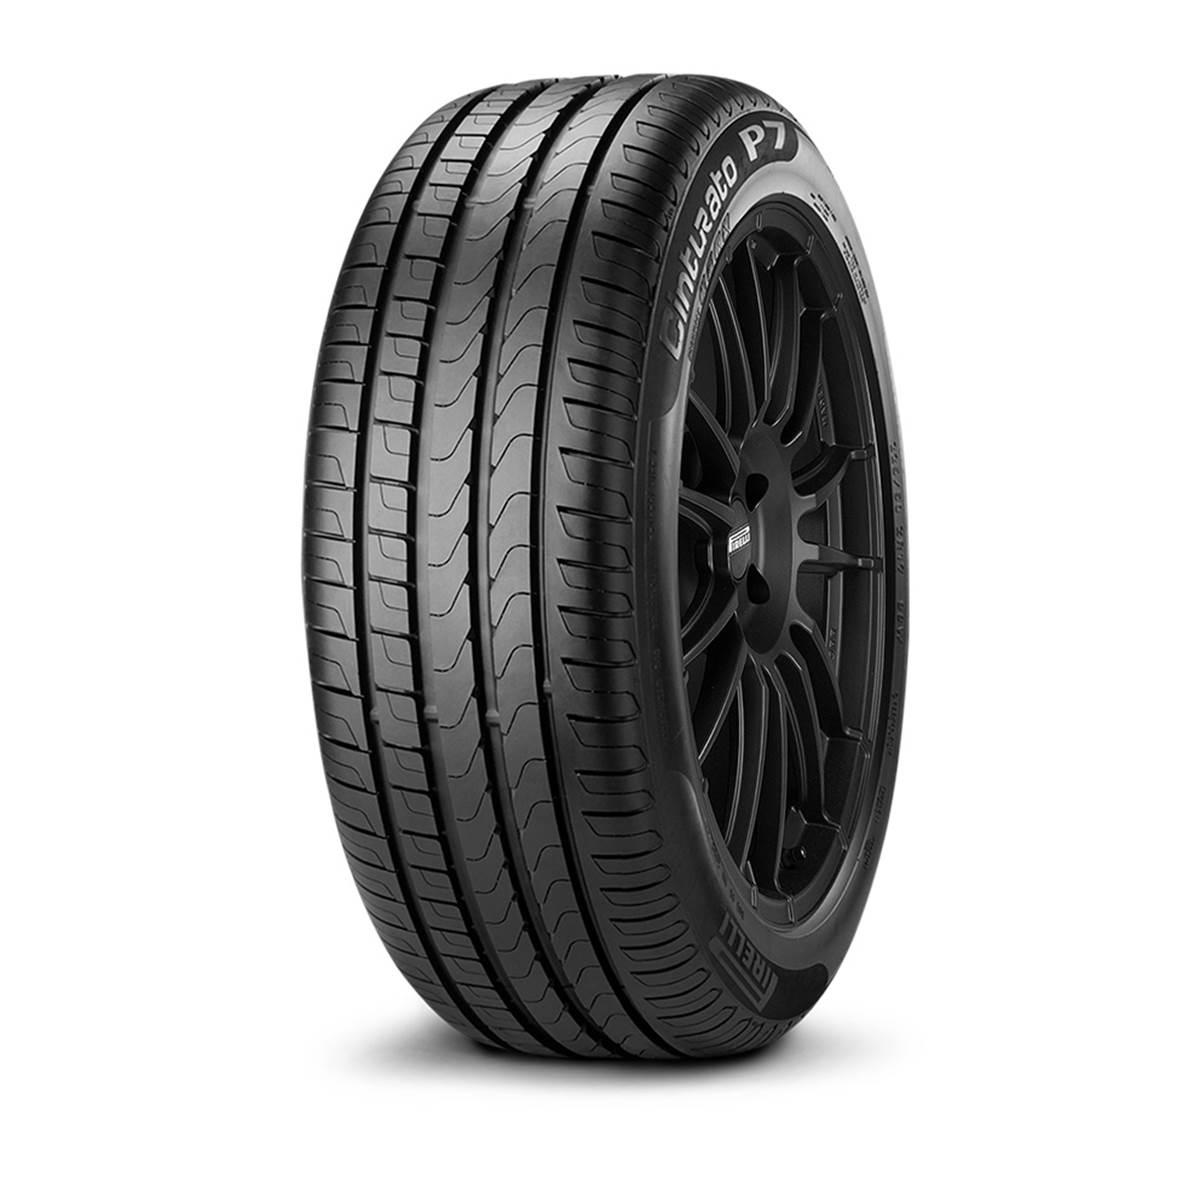 Pneu Runflat Pirelli 255/40R18 95Y Cinturato P7